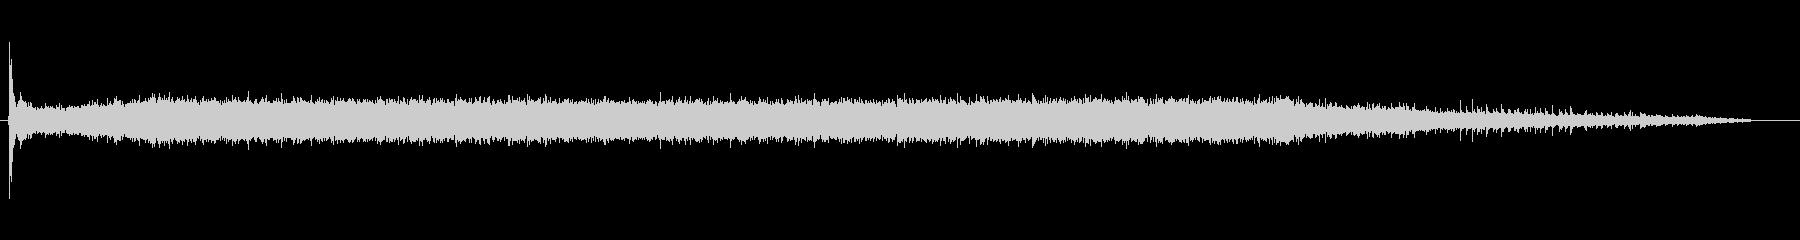 アングルグラインダー-オン、アイド...の未再生の波形